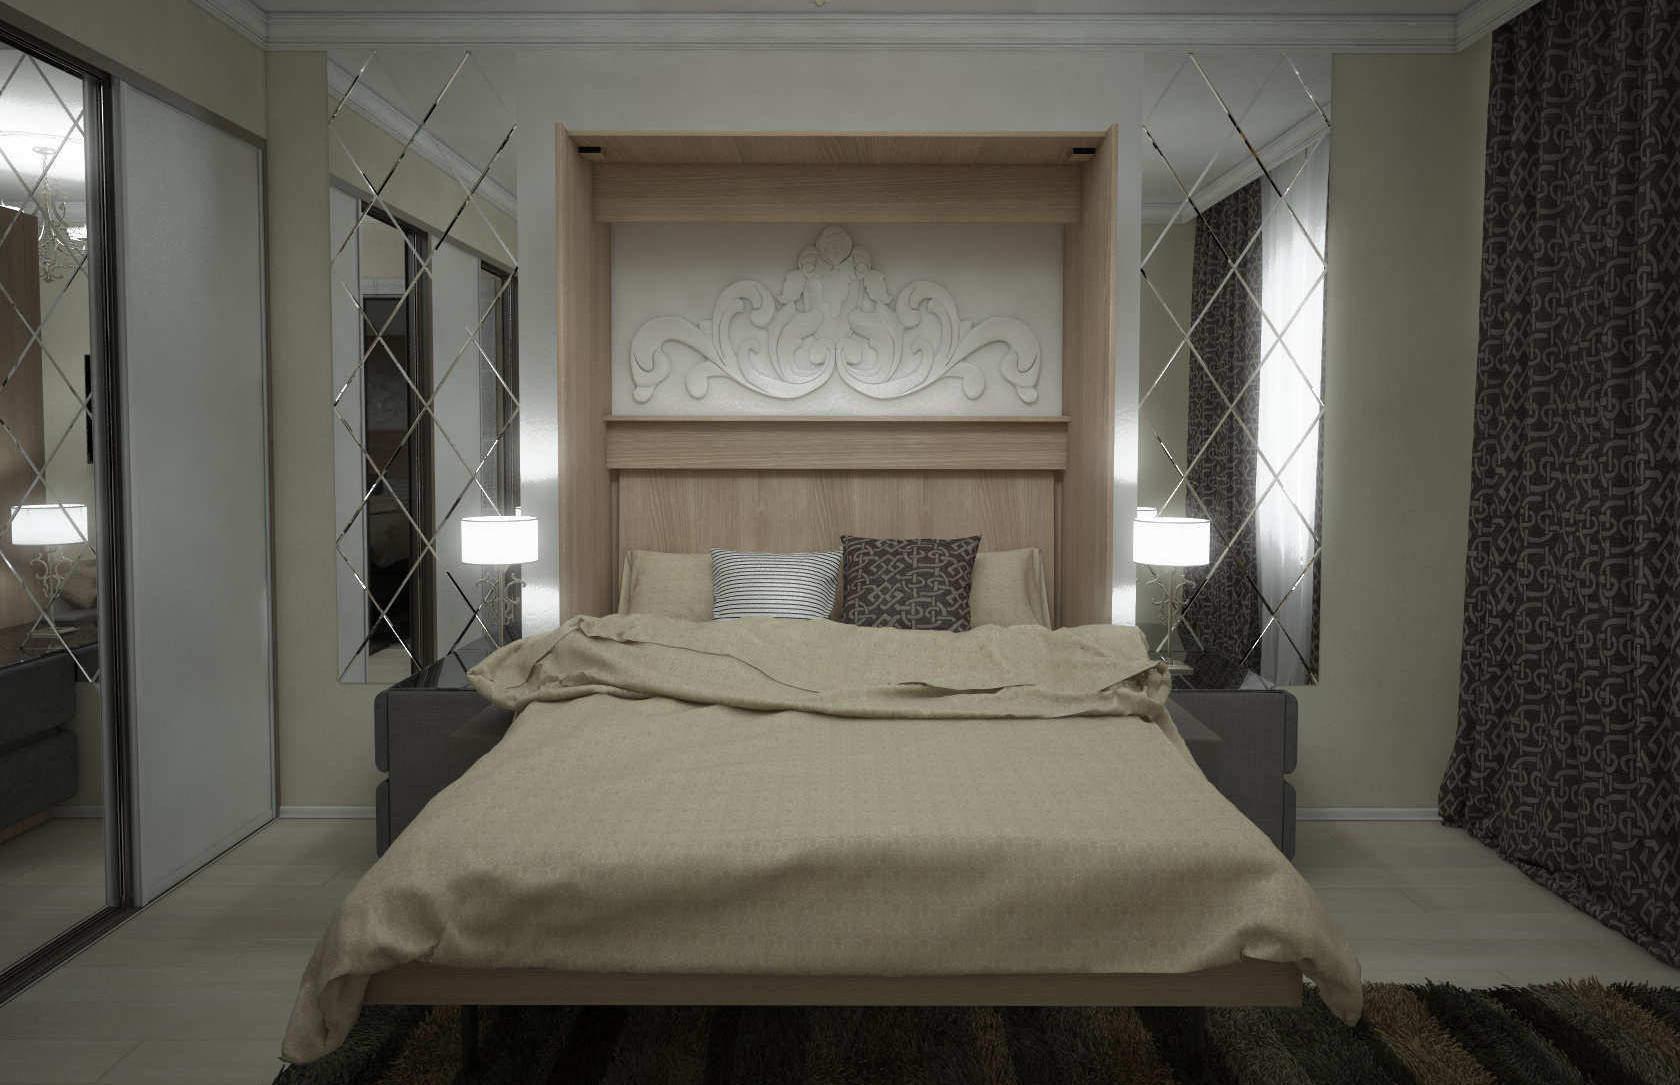 Комплект с подъёмной кроватью и диваном «Соло» цена